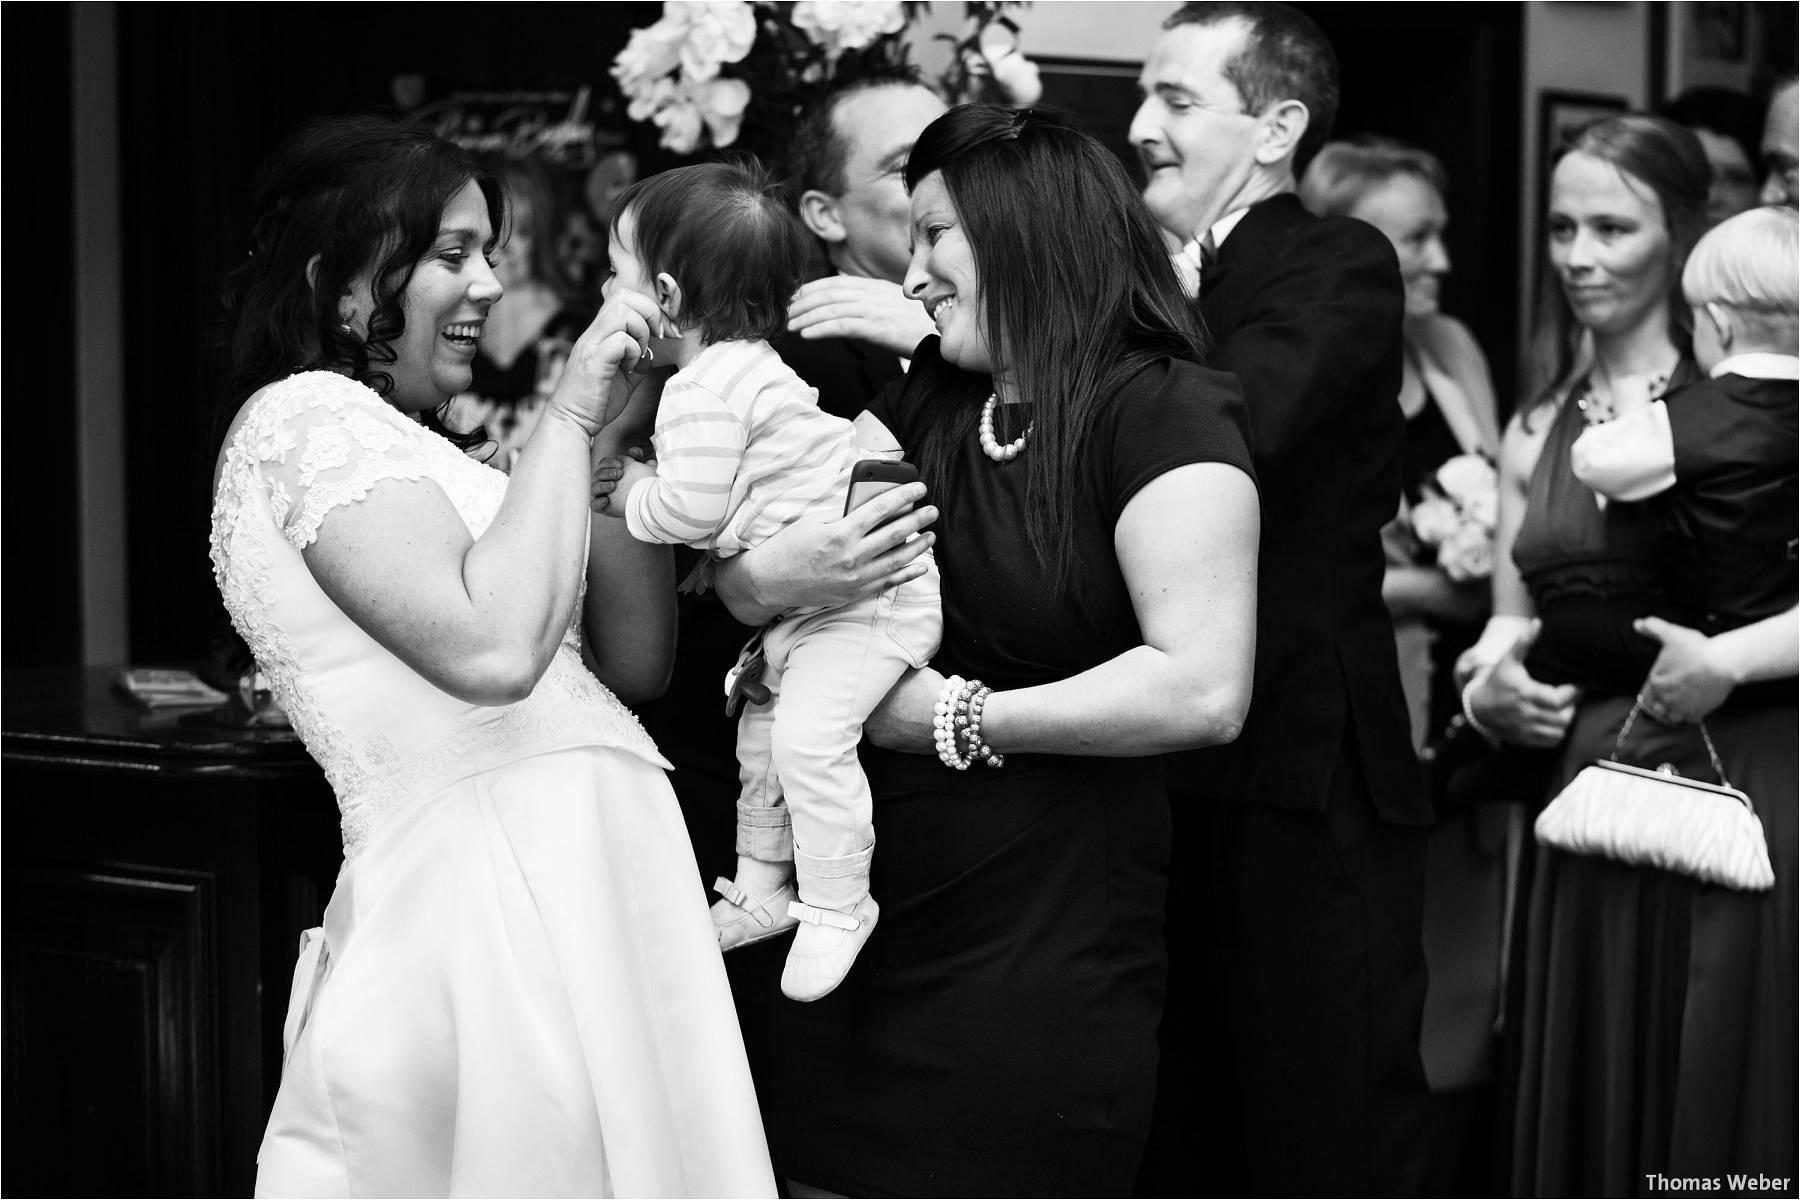 Hochzeitsfotograf Adare (Irland): Irische Hochzeit auf der grünen Insel (9)